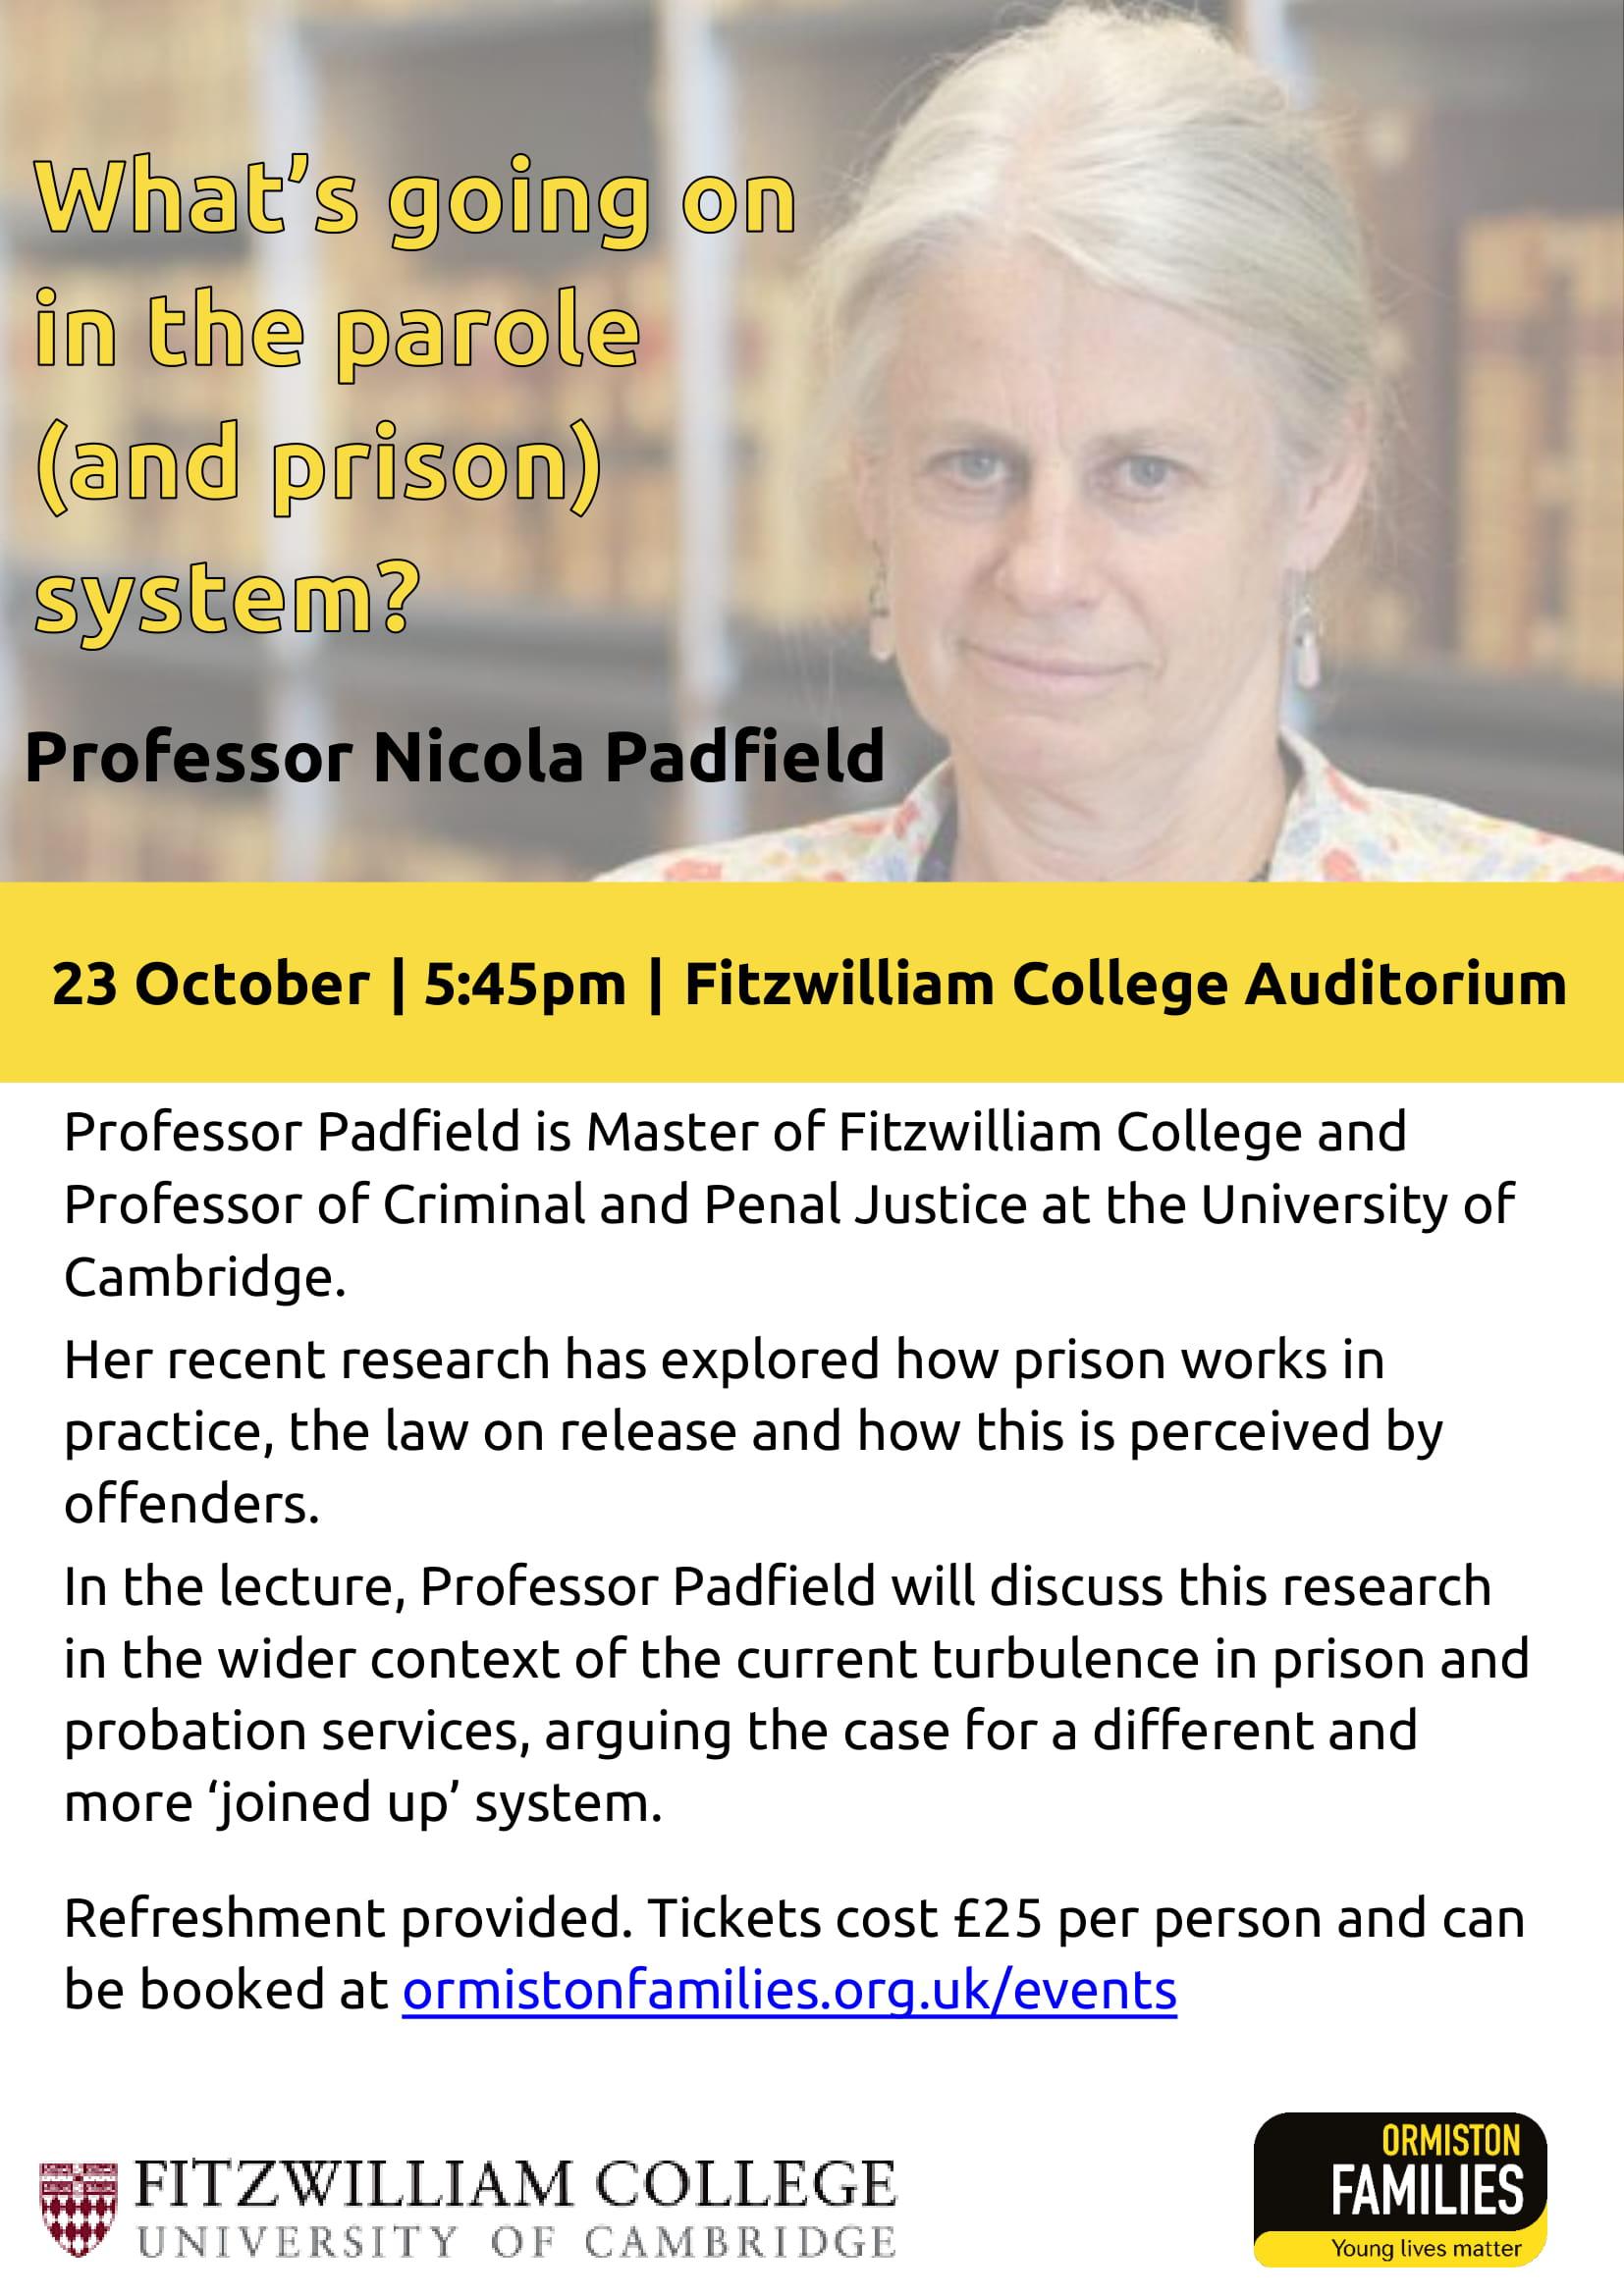 Ormiston Families Annual Lecture, Fitzwilliam College, Cambridge